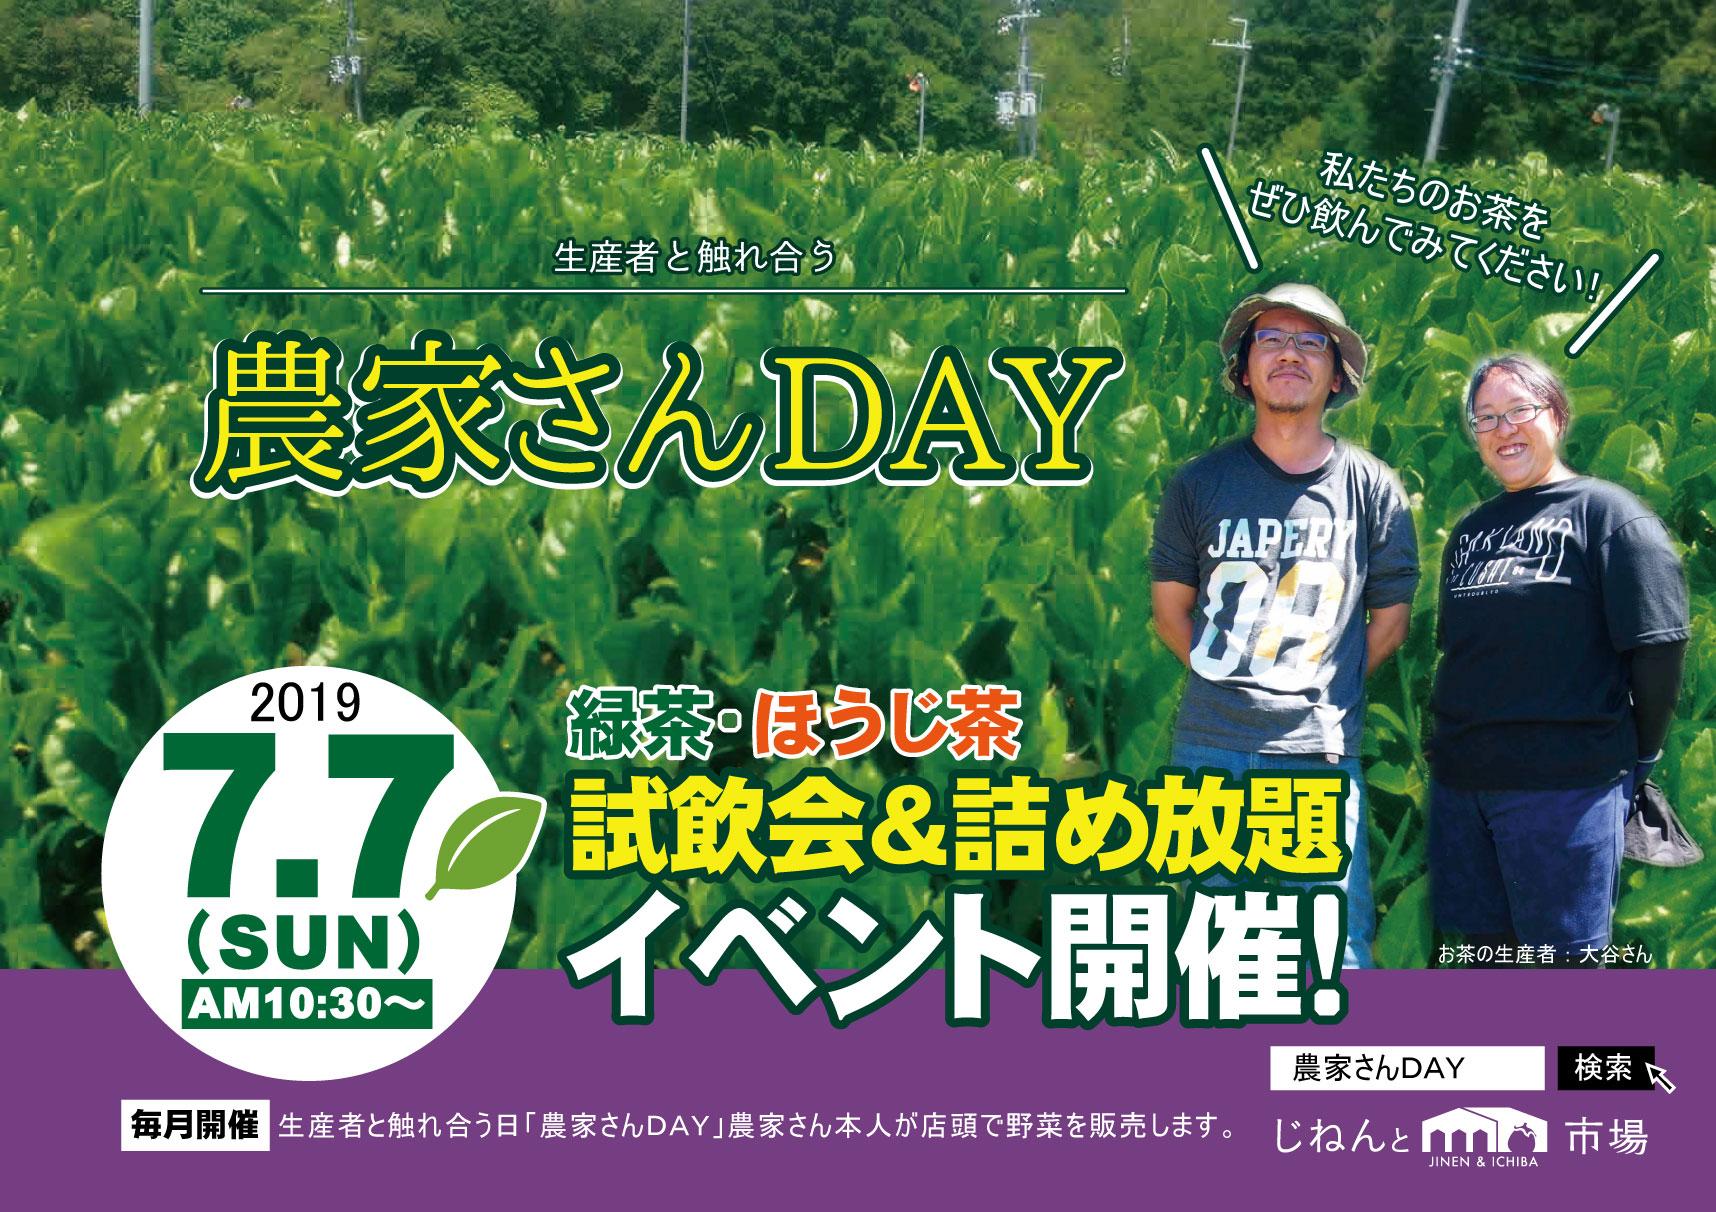 7月7日(日)お茶の農家さんDAY開催いたします